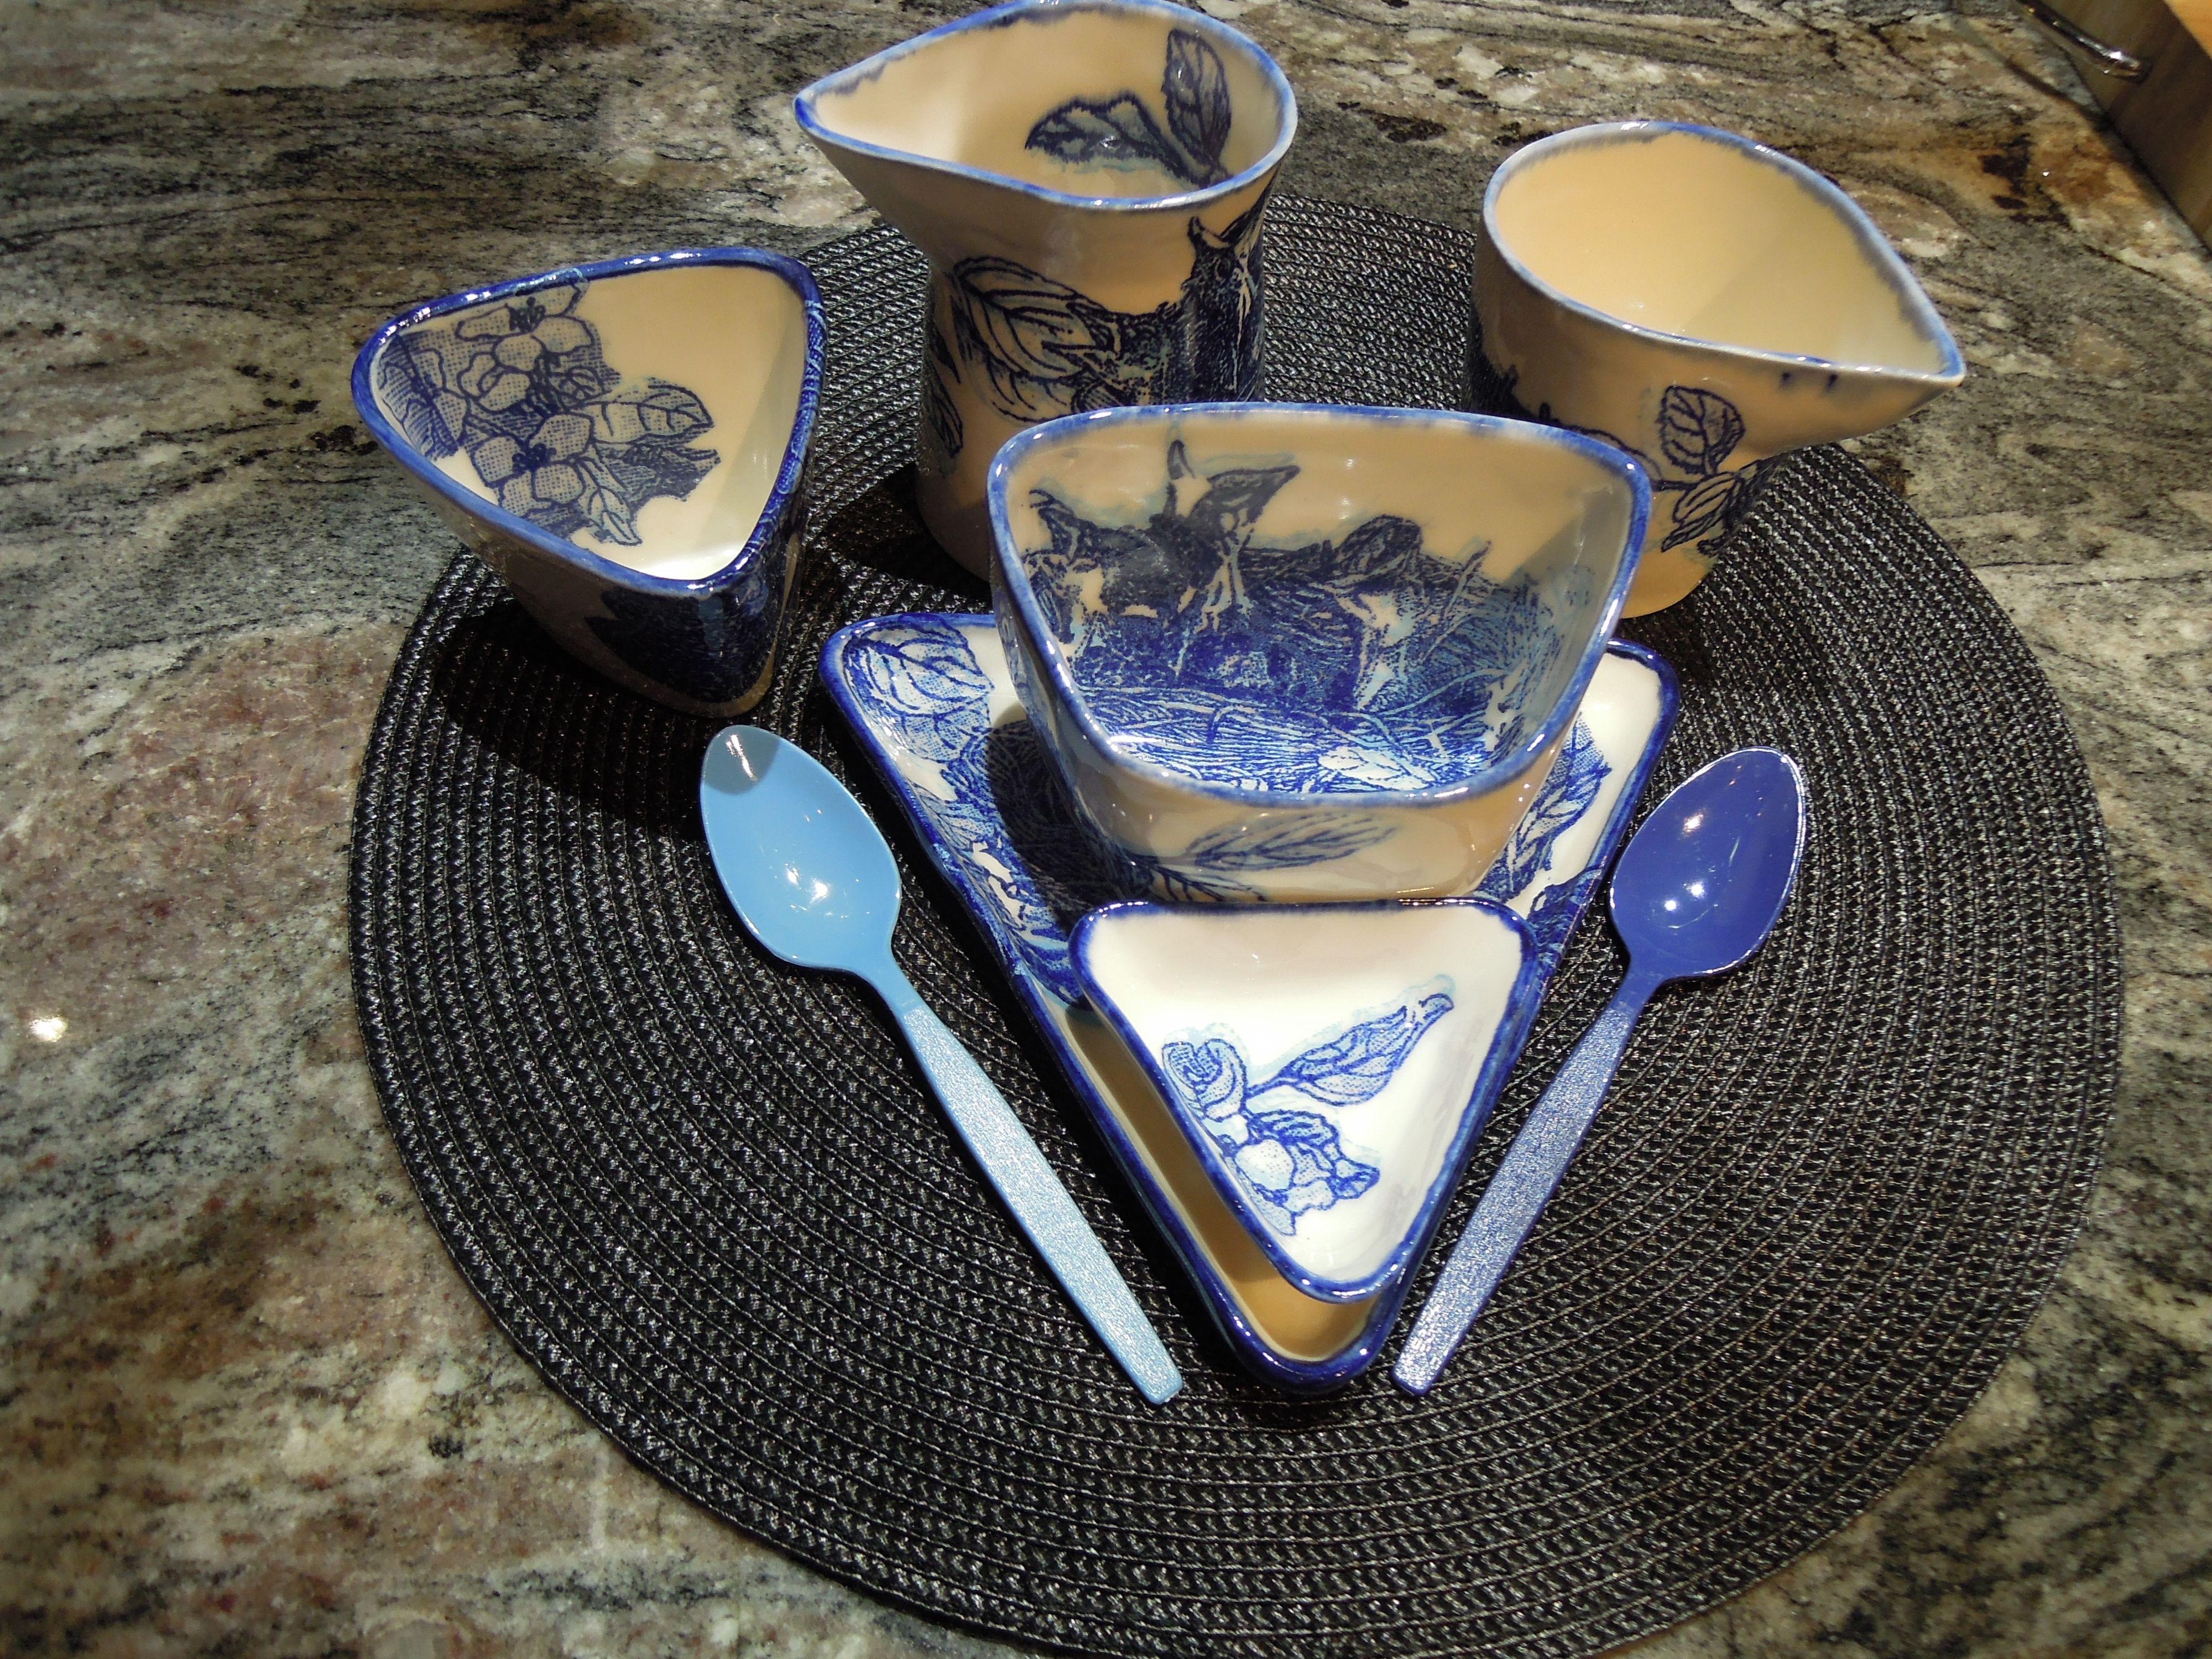 view of dinnerware set up